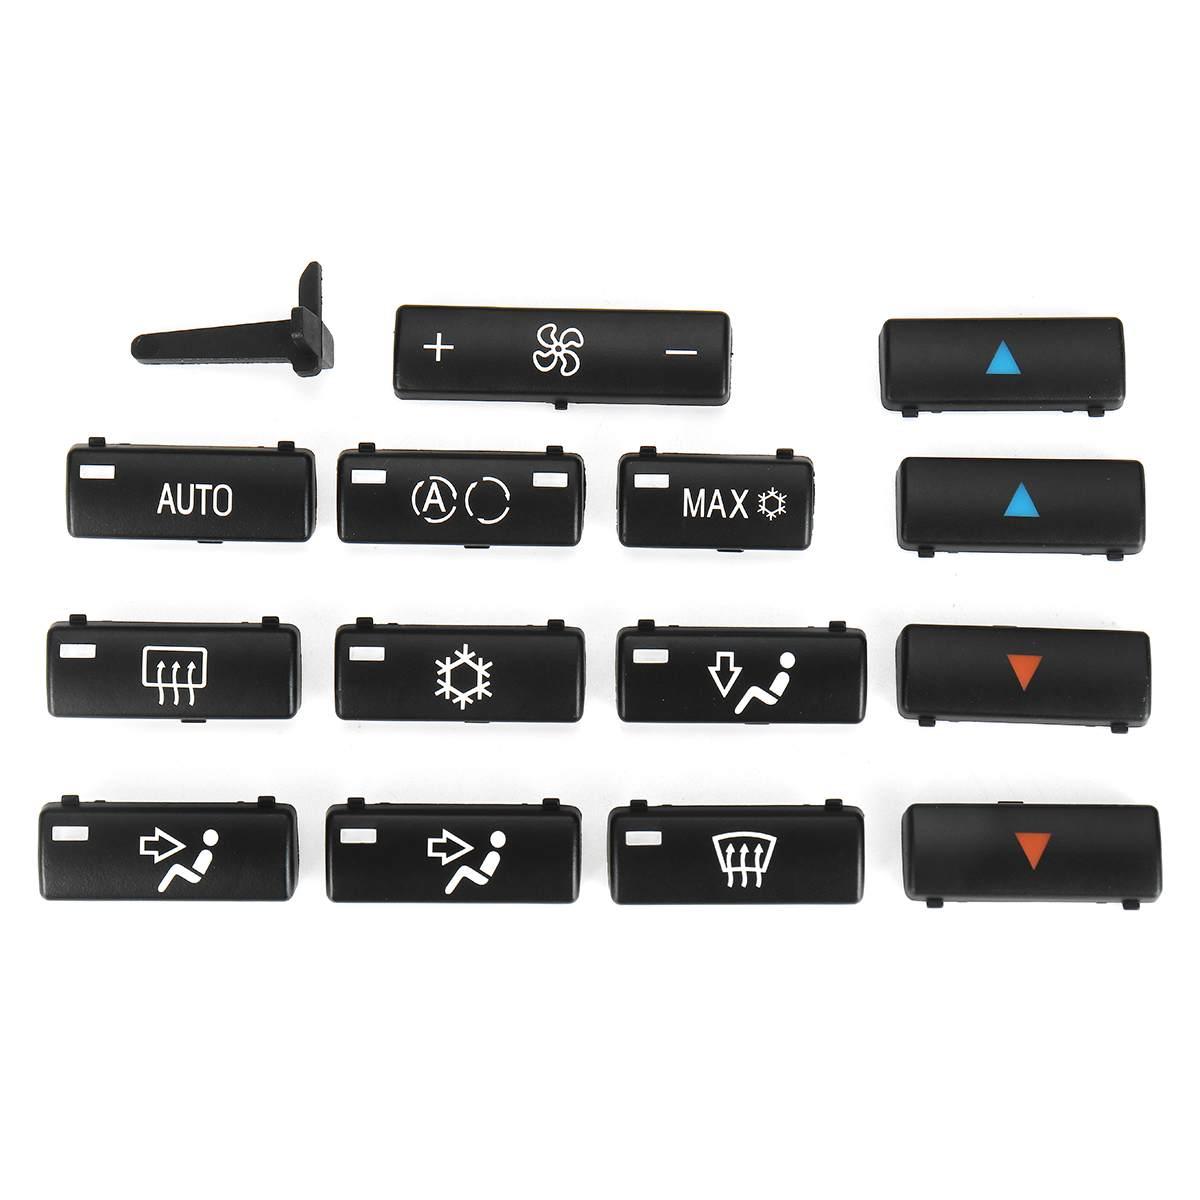 Колпачки для кнопок E39 X5, 14 кнопок, климатическая панель управления, A/C, кнопки управления, накладки для BMW E39, E53, 525i, 530i, 540i, M5, X5